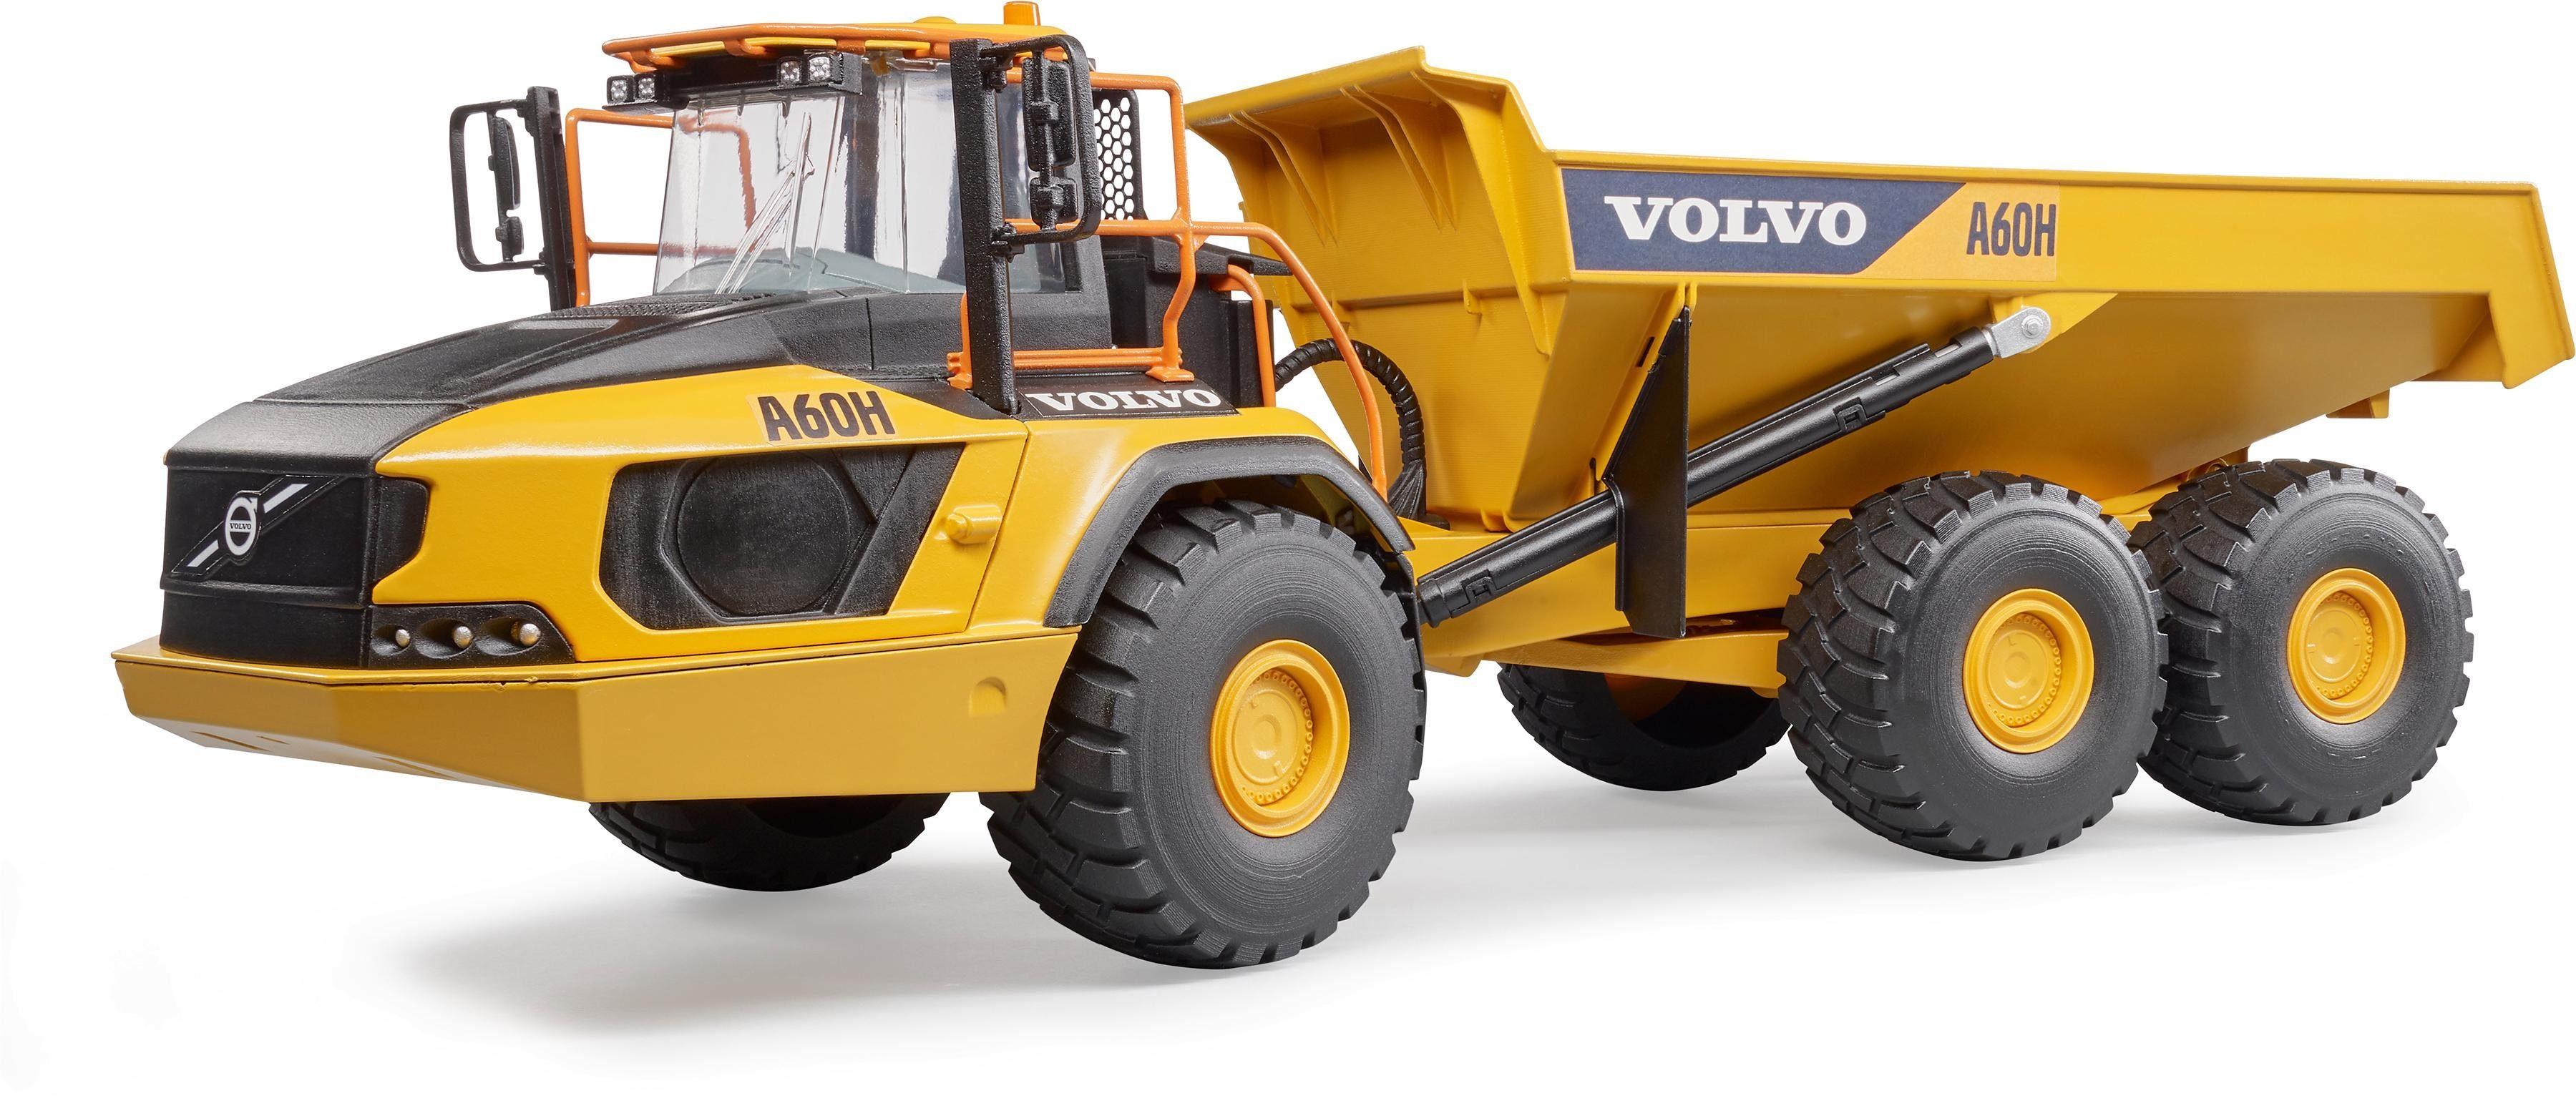 bruder® Dumper 02455, »Volvo A60H«